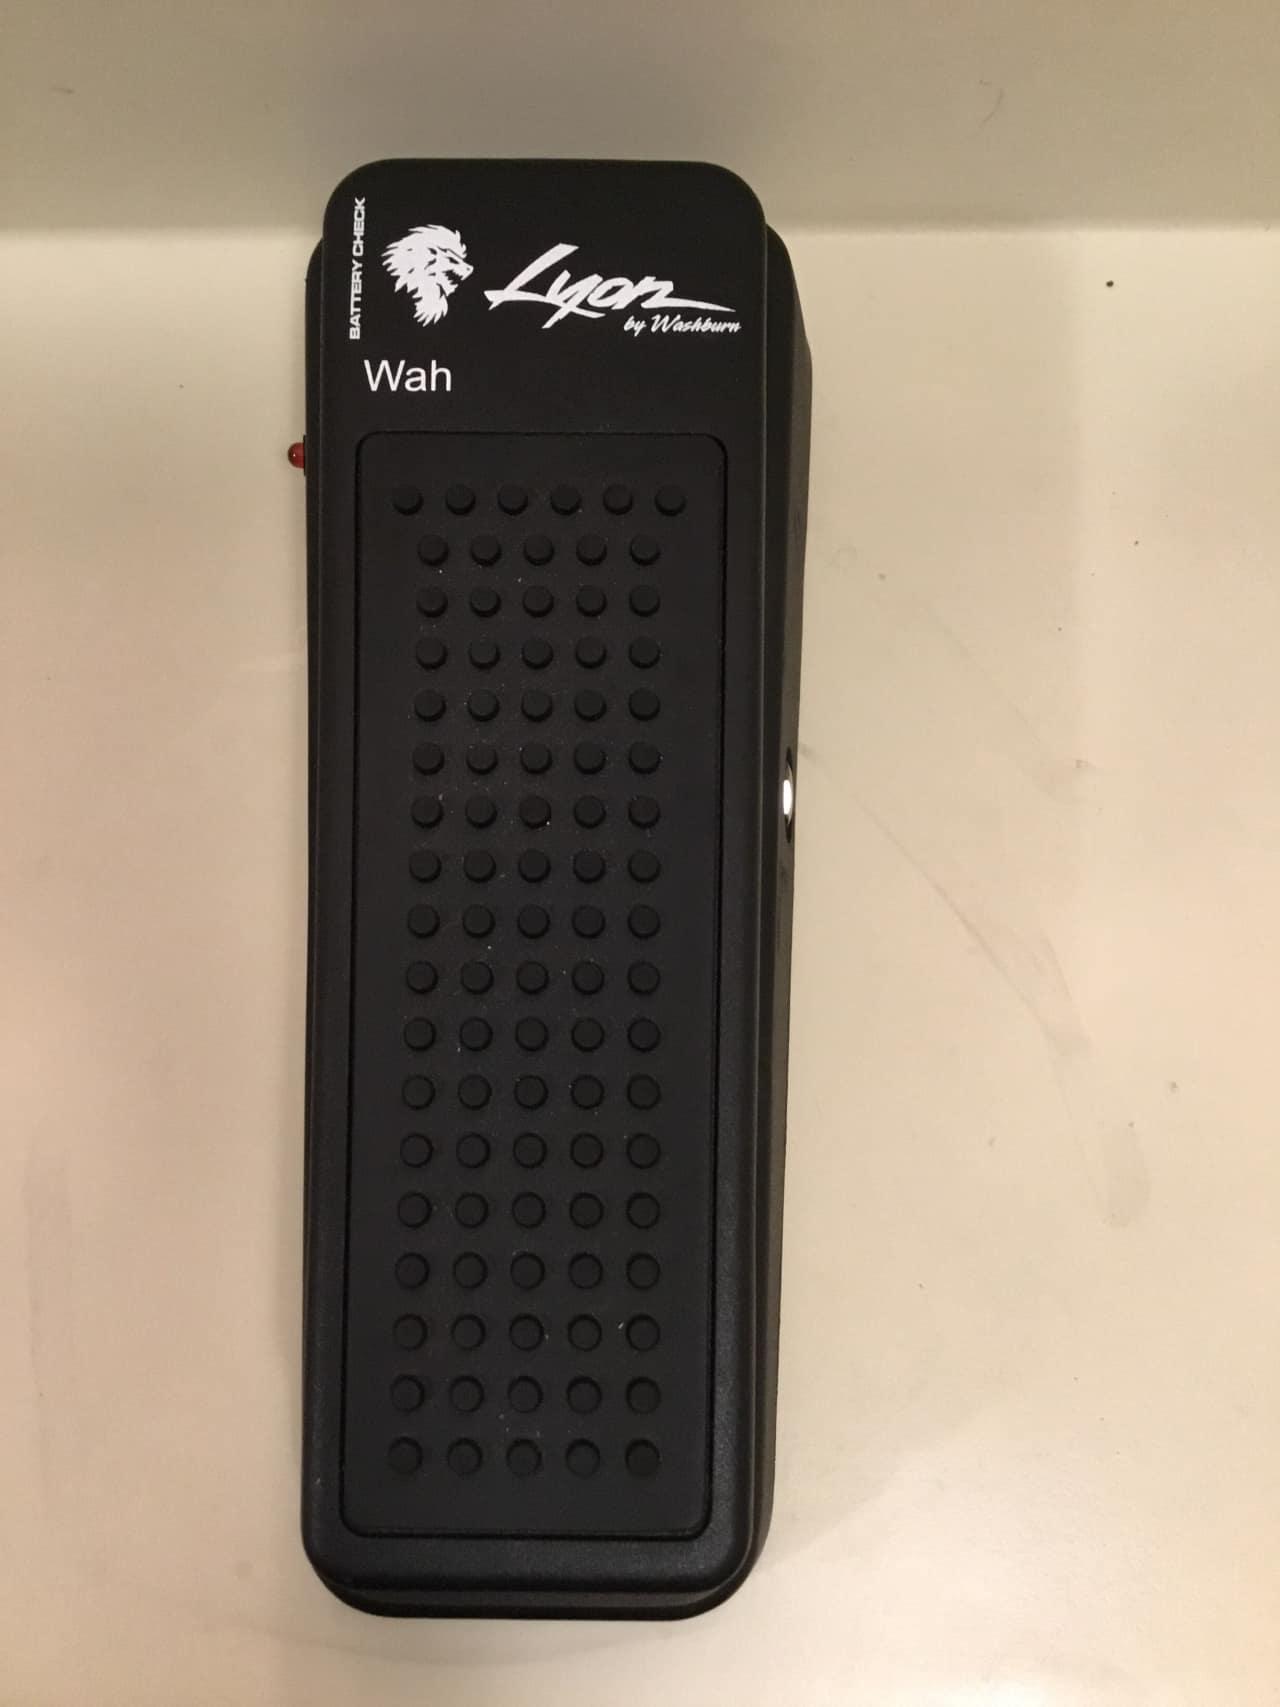 lyon washburn wah guitar pedal washburn black reverb. Black Bedroom Furniture Sets. Home Design Ideas